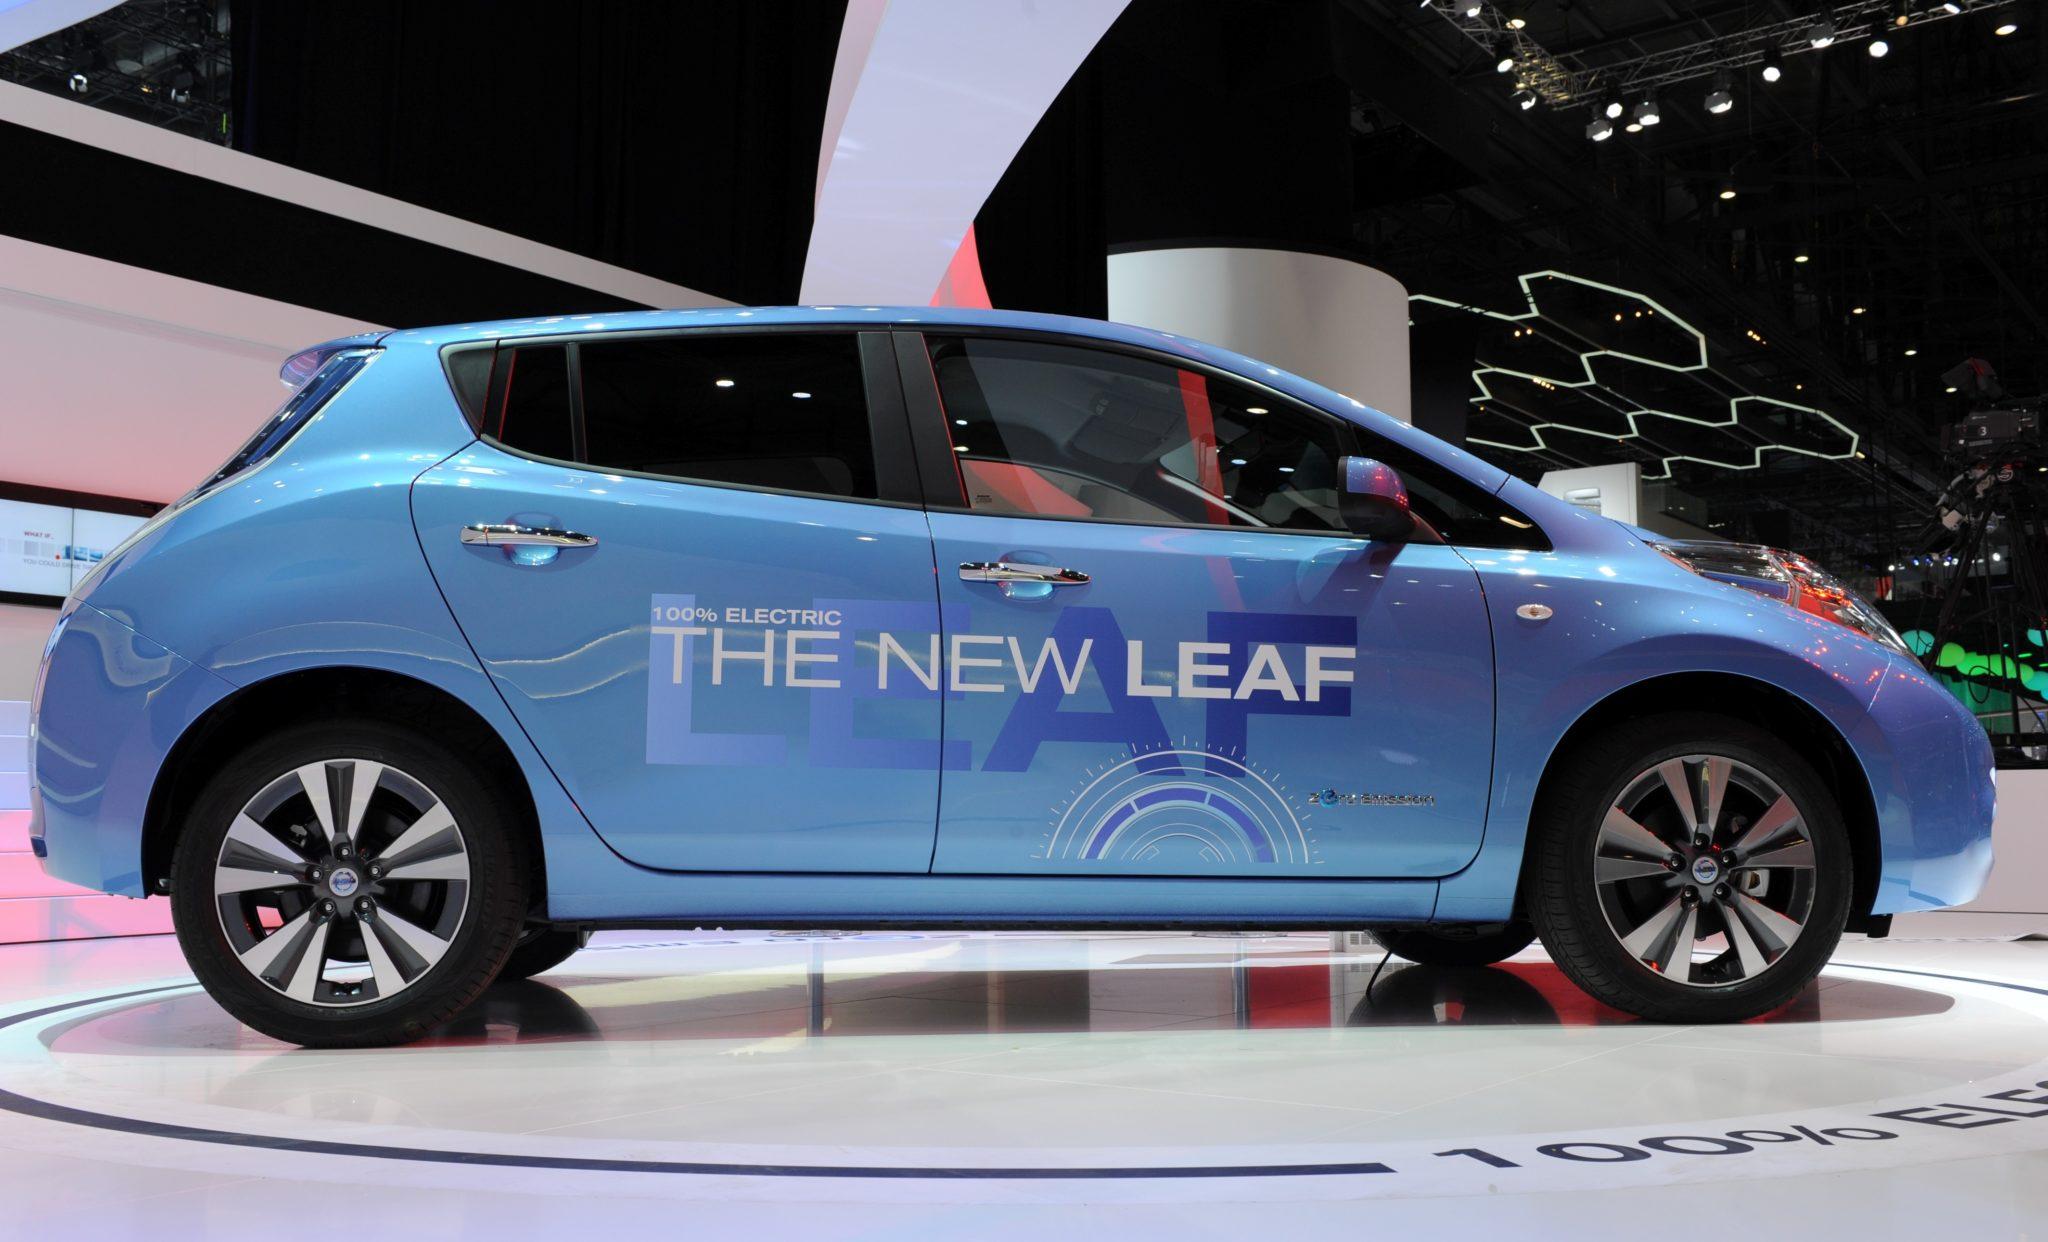 Nuova Nissan LEAF, l'auto elettronica presentata a Ginevra